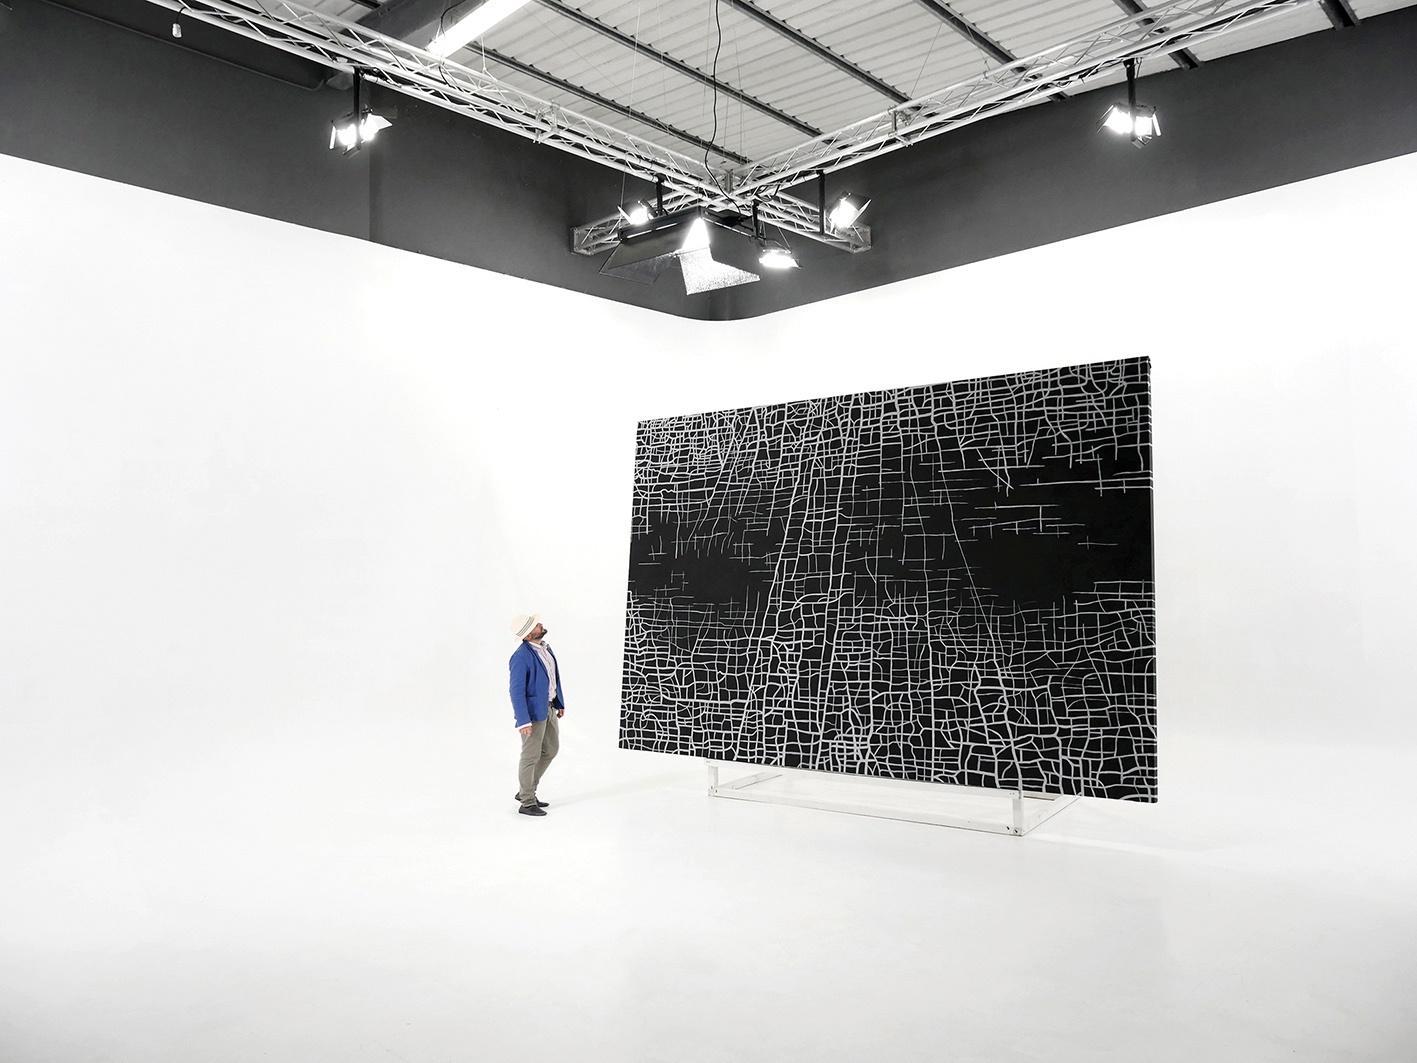 A soli 37 anni ci lascia l'artista Massimiliano Galliani, buon viaggio!